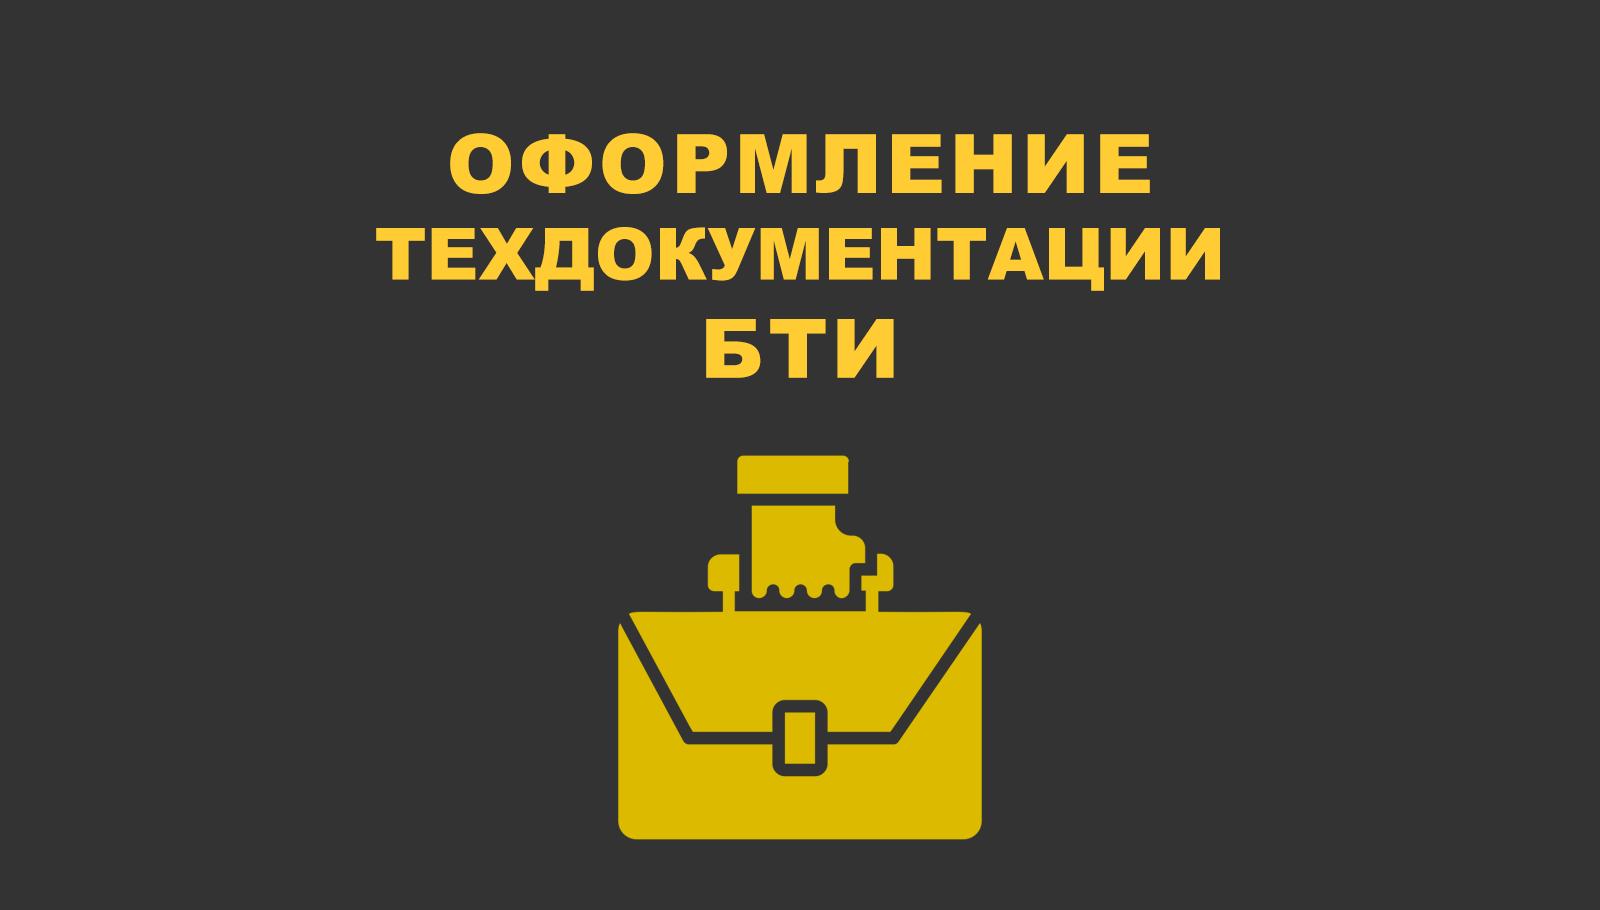 Оформление технической документации БТИ